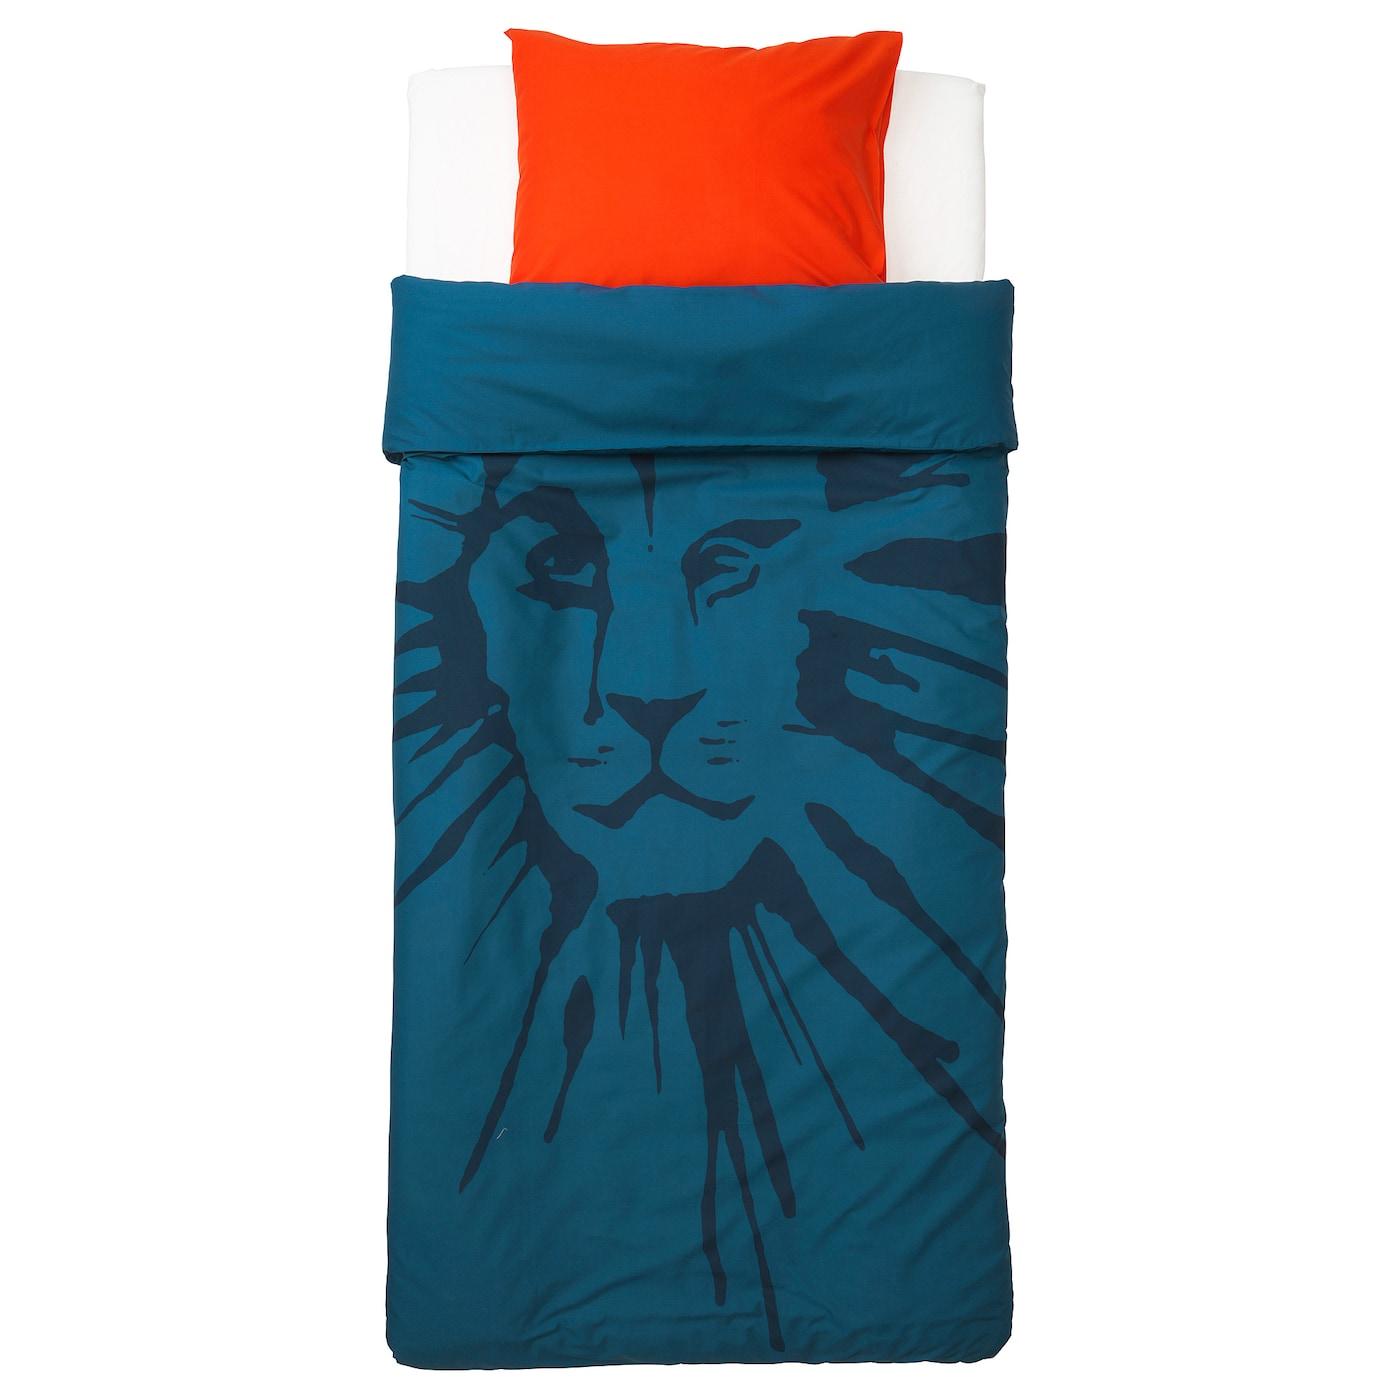 IKEA URSKOG Tiger, Blue Duvet cover and